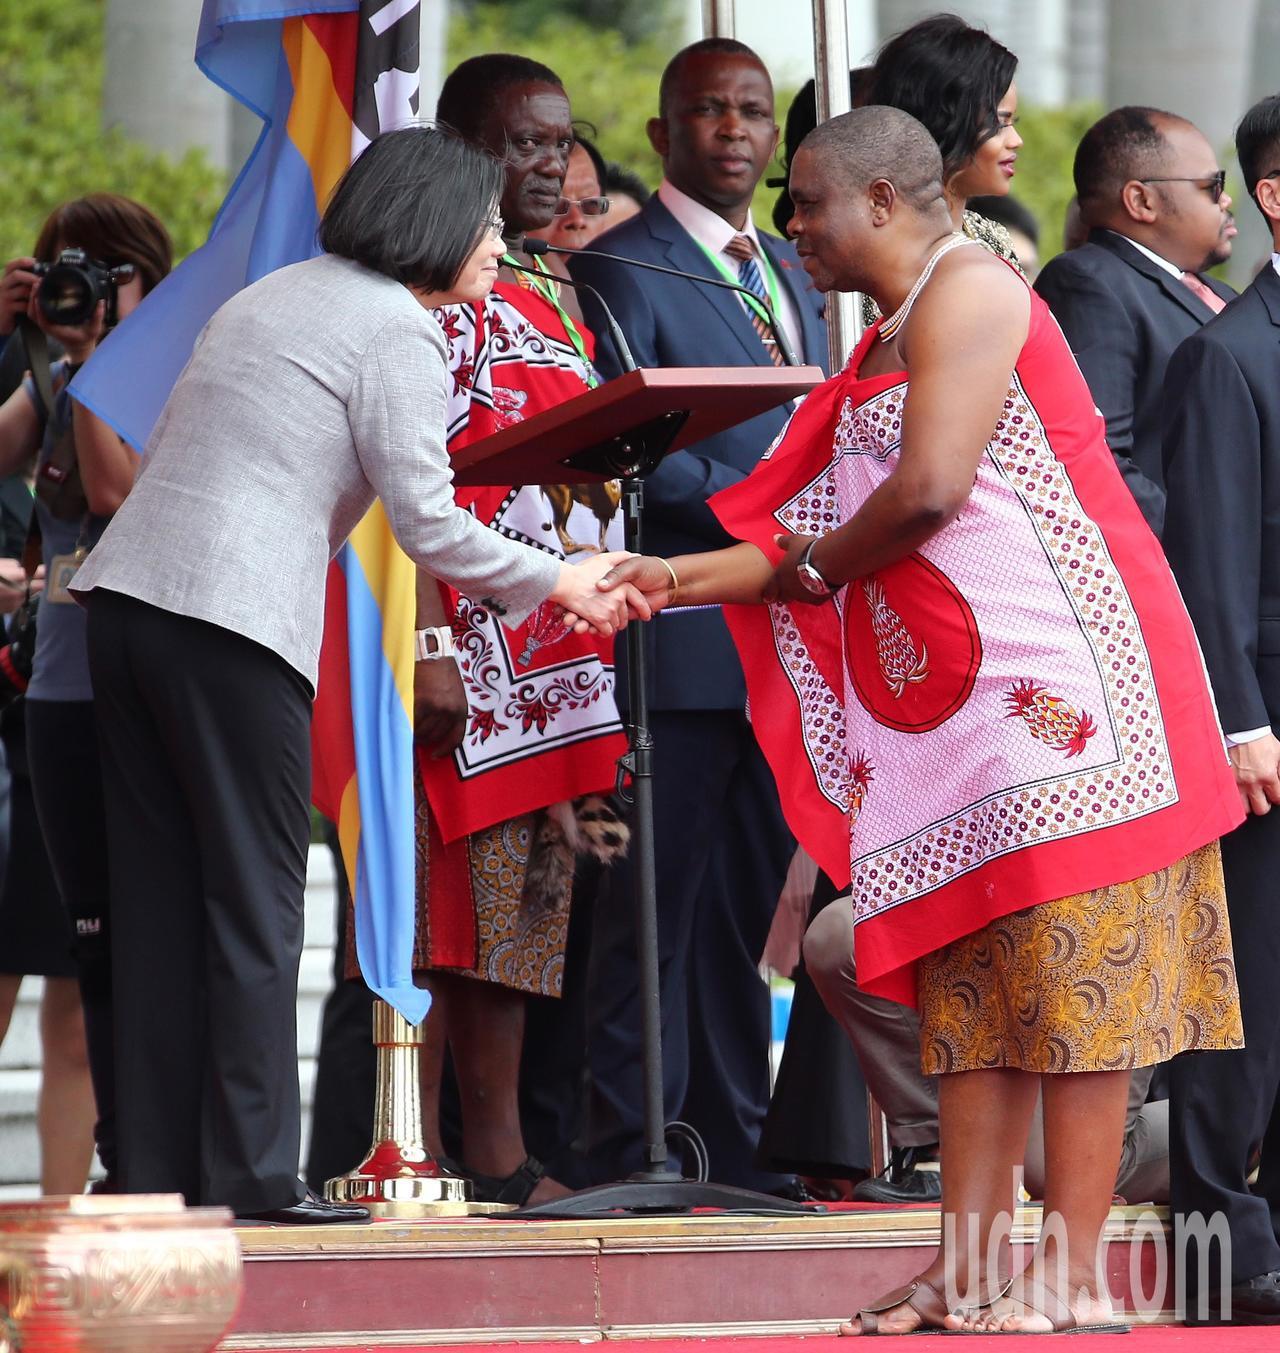 蔡英文總統(左)上午以軍禮歡迎友邦史瓦帝尼王國,與史瓦帝尼王國成員握手致意。記者...